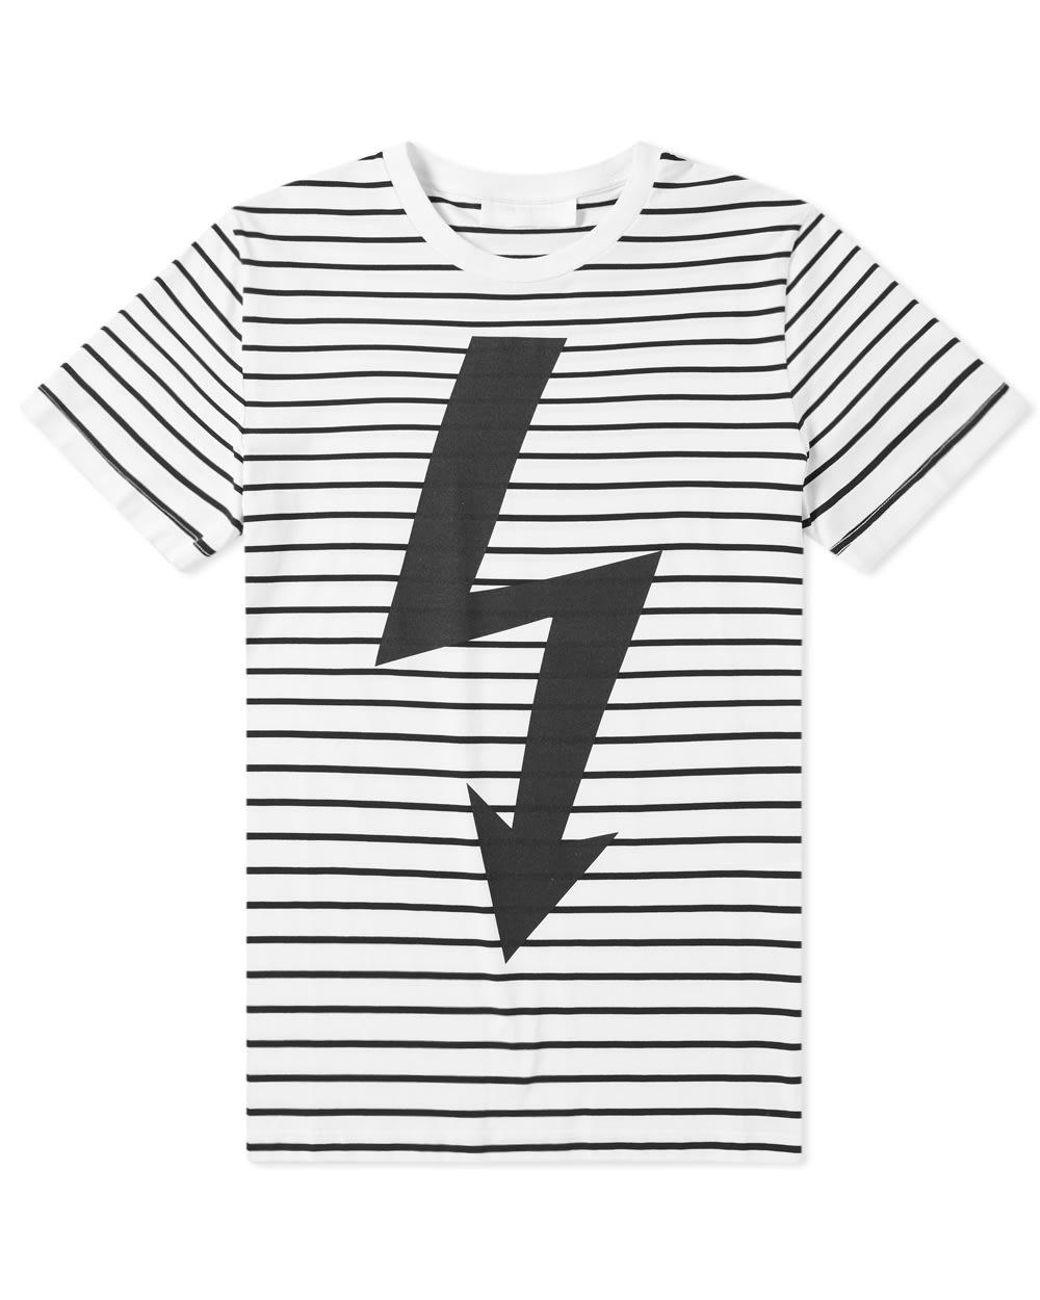 ddee1a6d69 Neil Barrett Lightning Bolt Stripe Tee in White for Men - Lyst